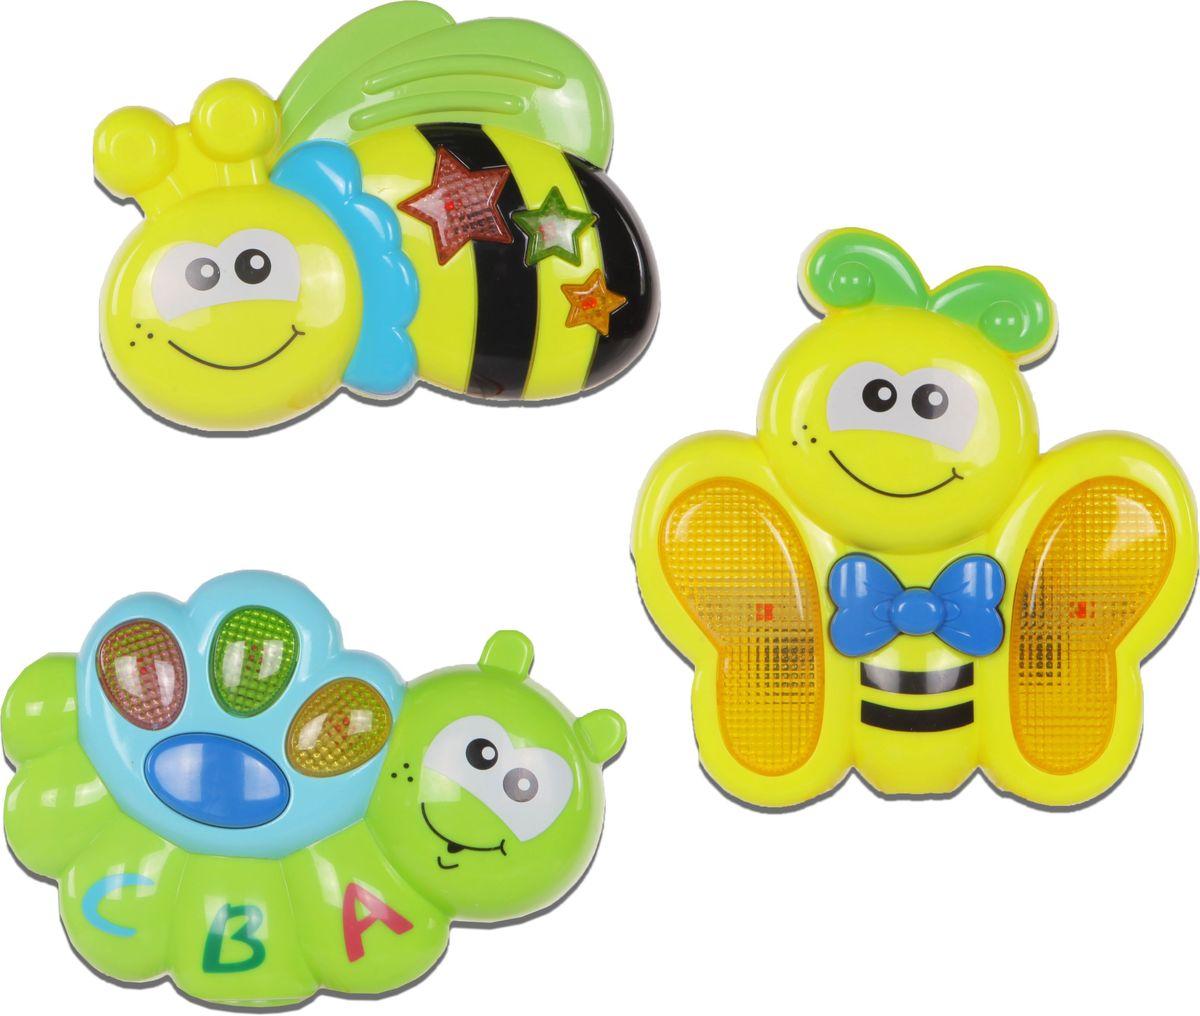 Huile Toys Набор развивающих музыкальных игрушек 3 шт Y1567218 huile игрушка музыкальная собачка с телефоном